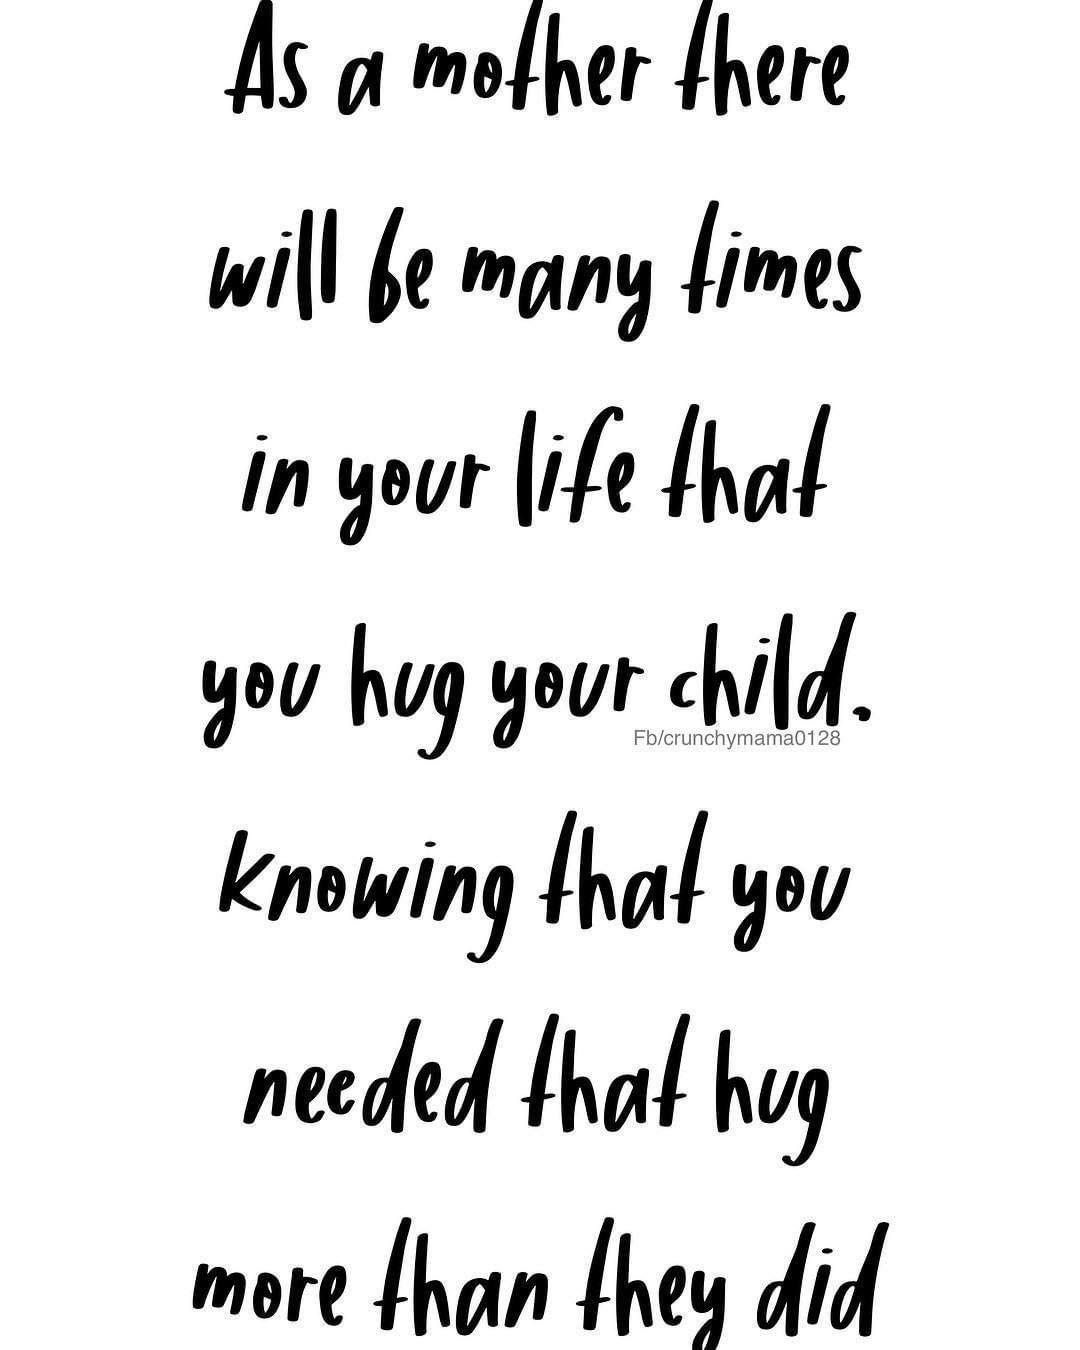 Pin on #MomHacks for Busy Moms | #parenting #momhack ...